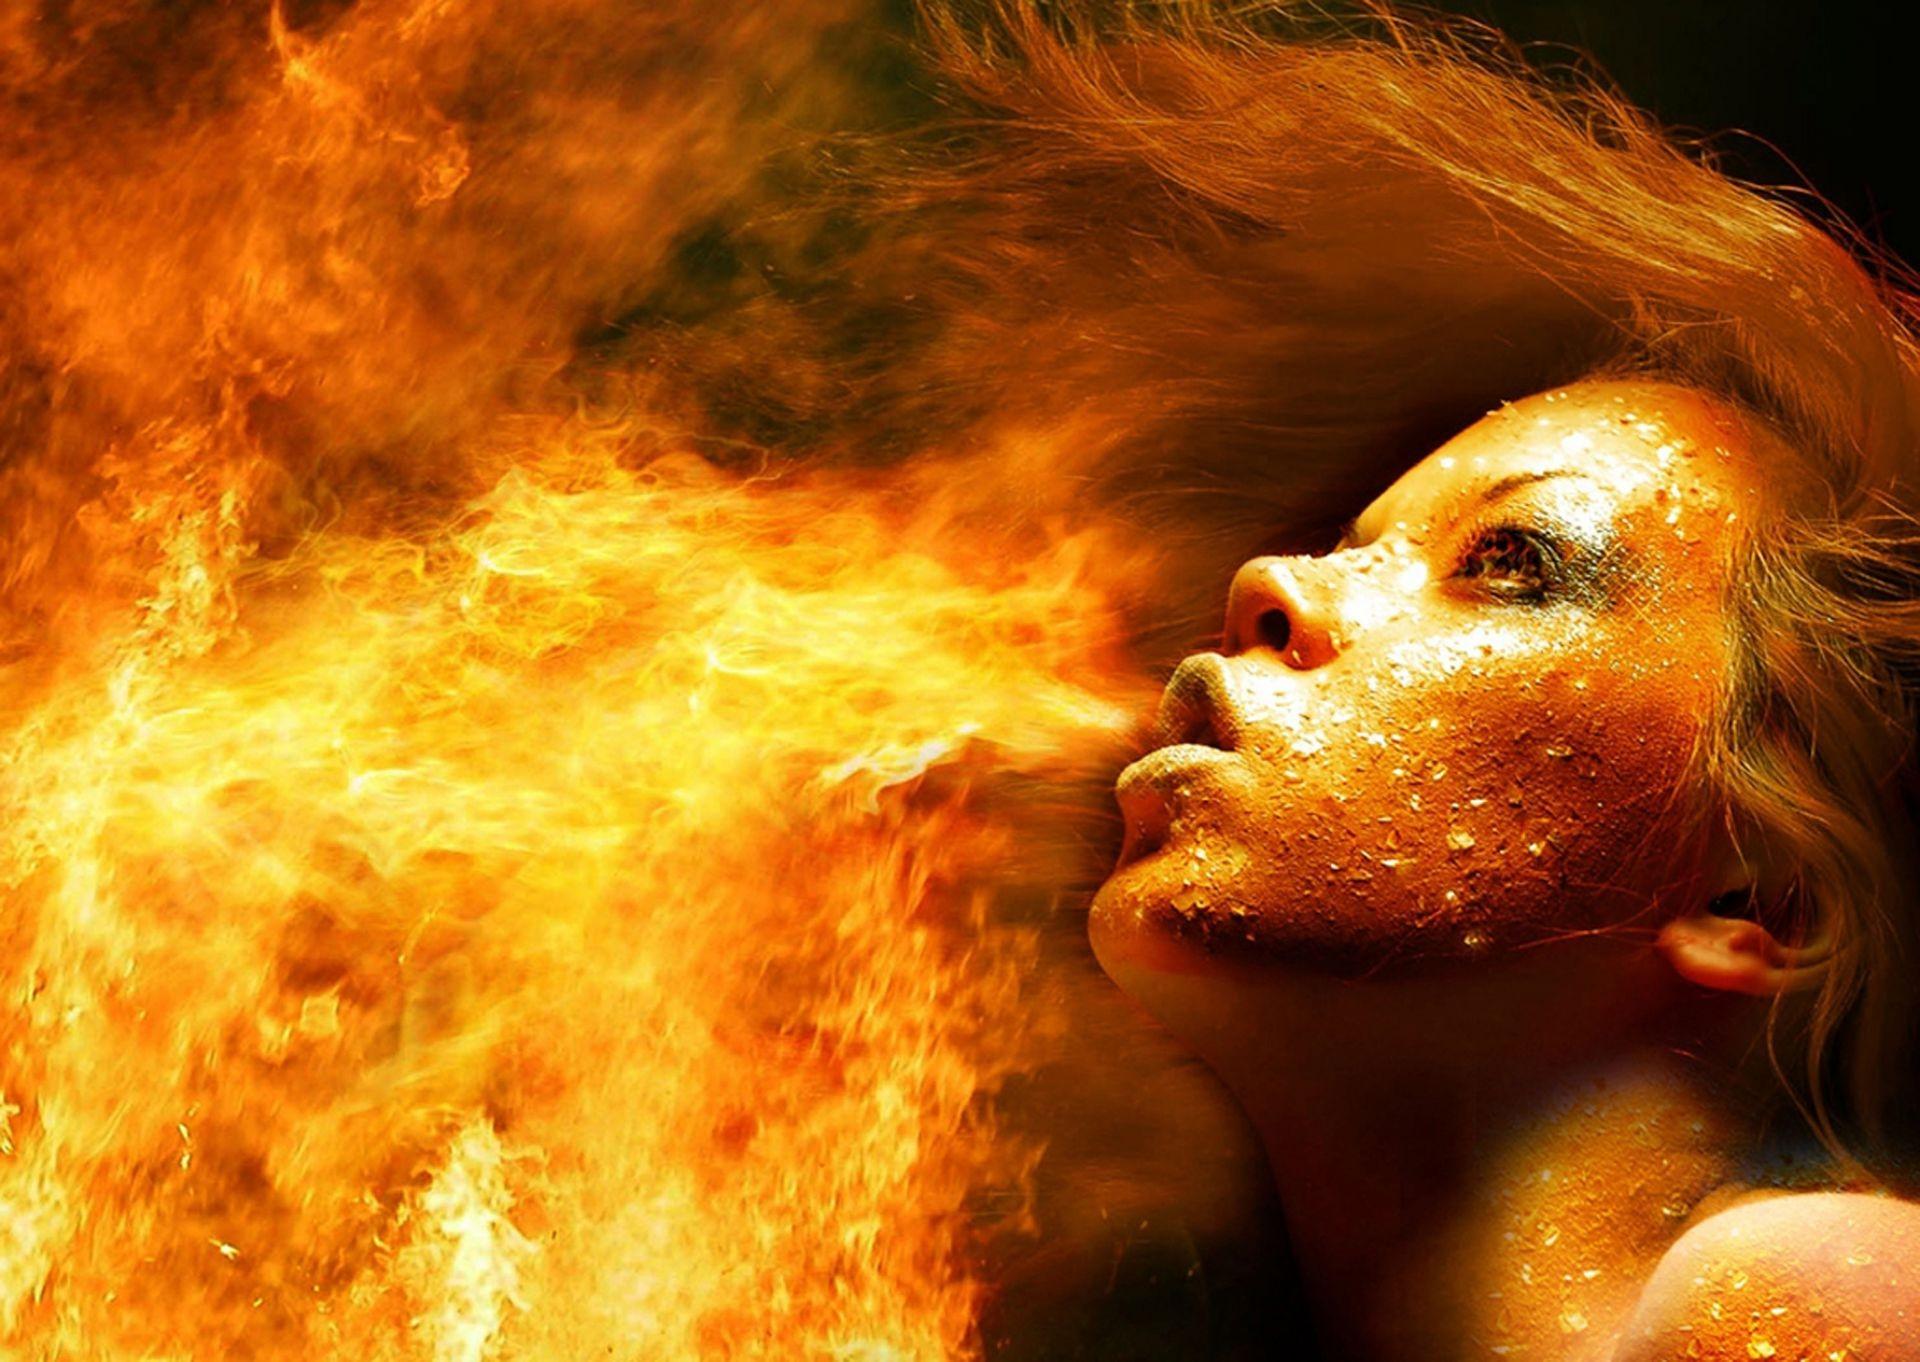 стихия огня фотосессия некоторое время чуть